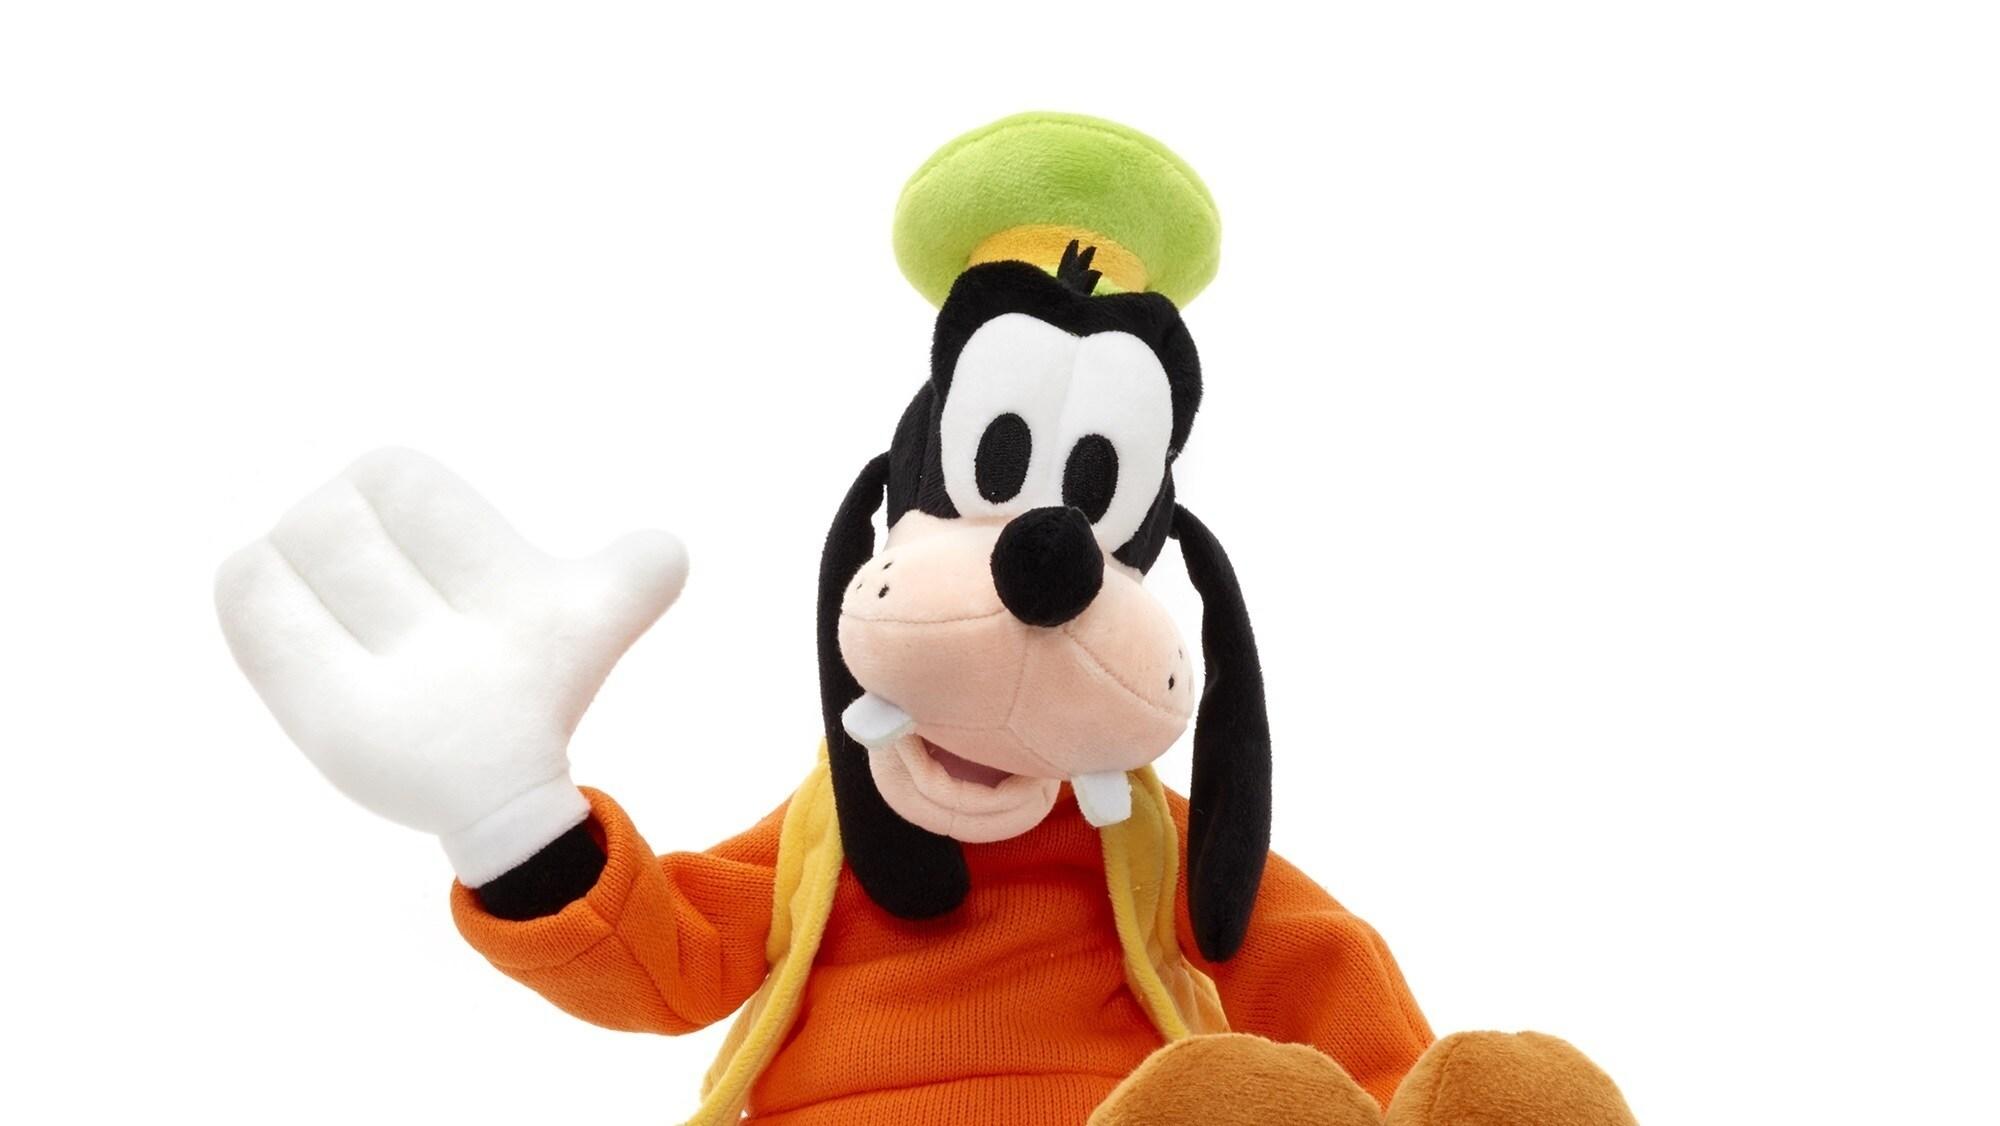 International Friendship Day - Goofy plush